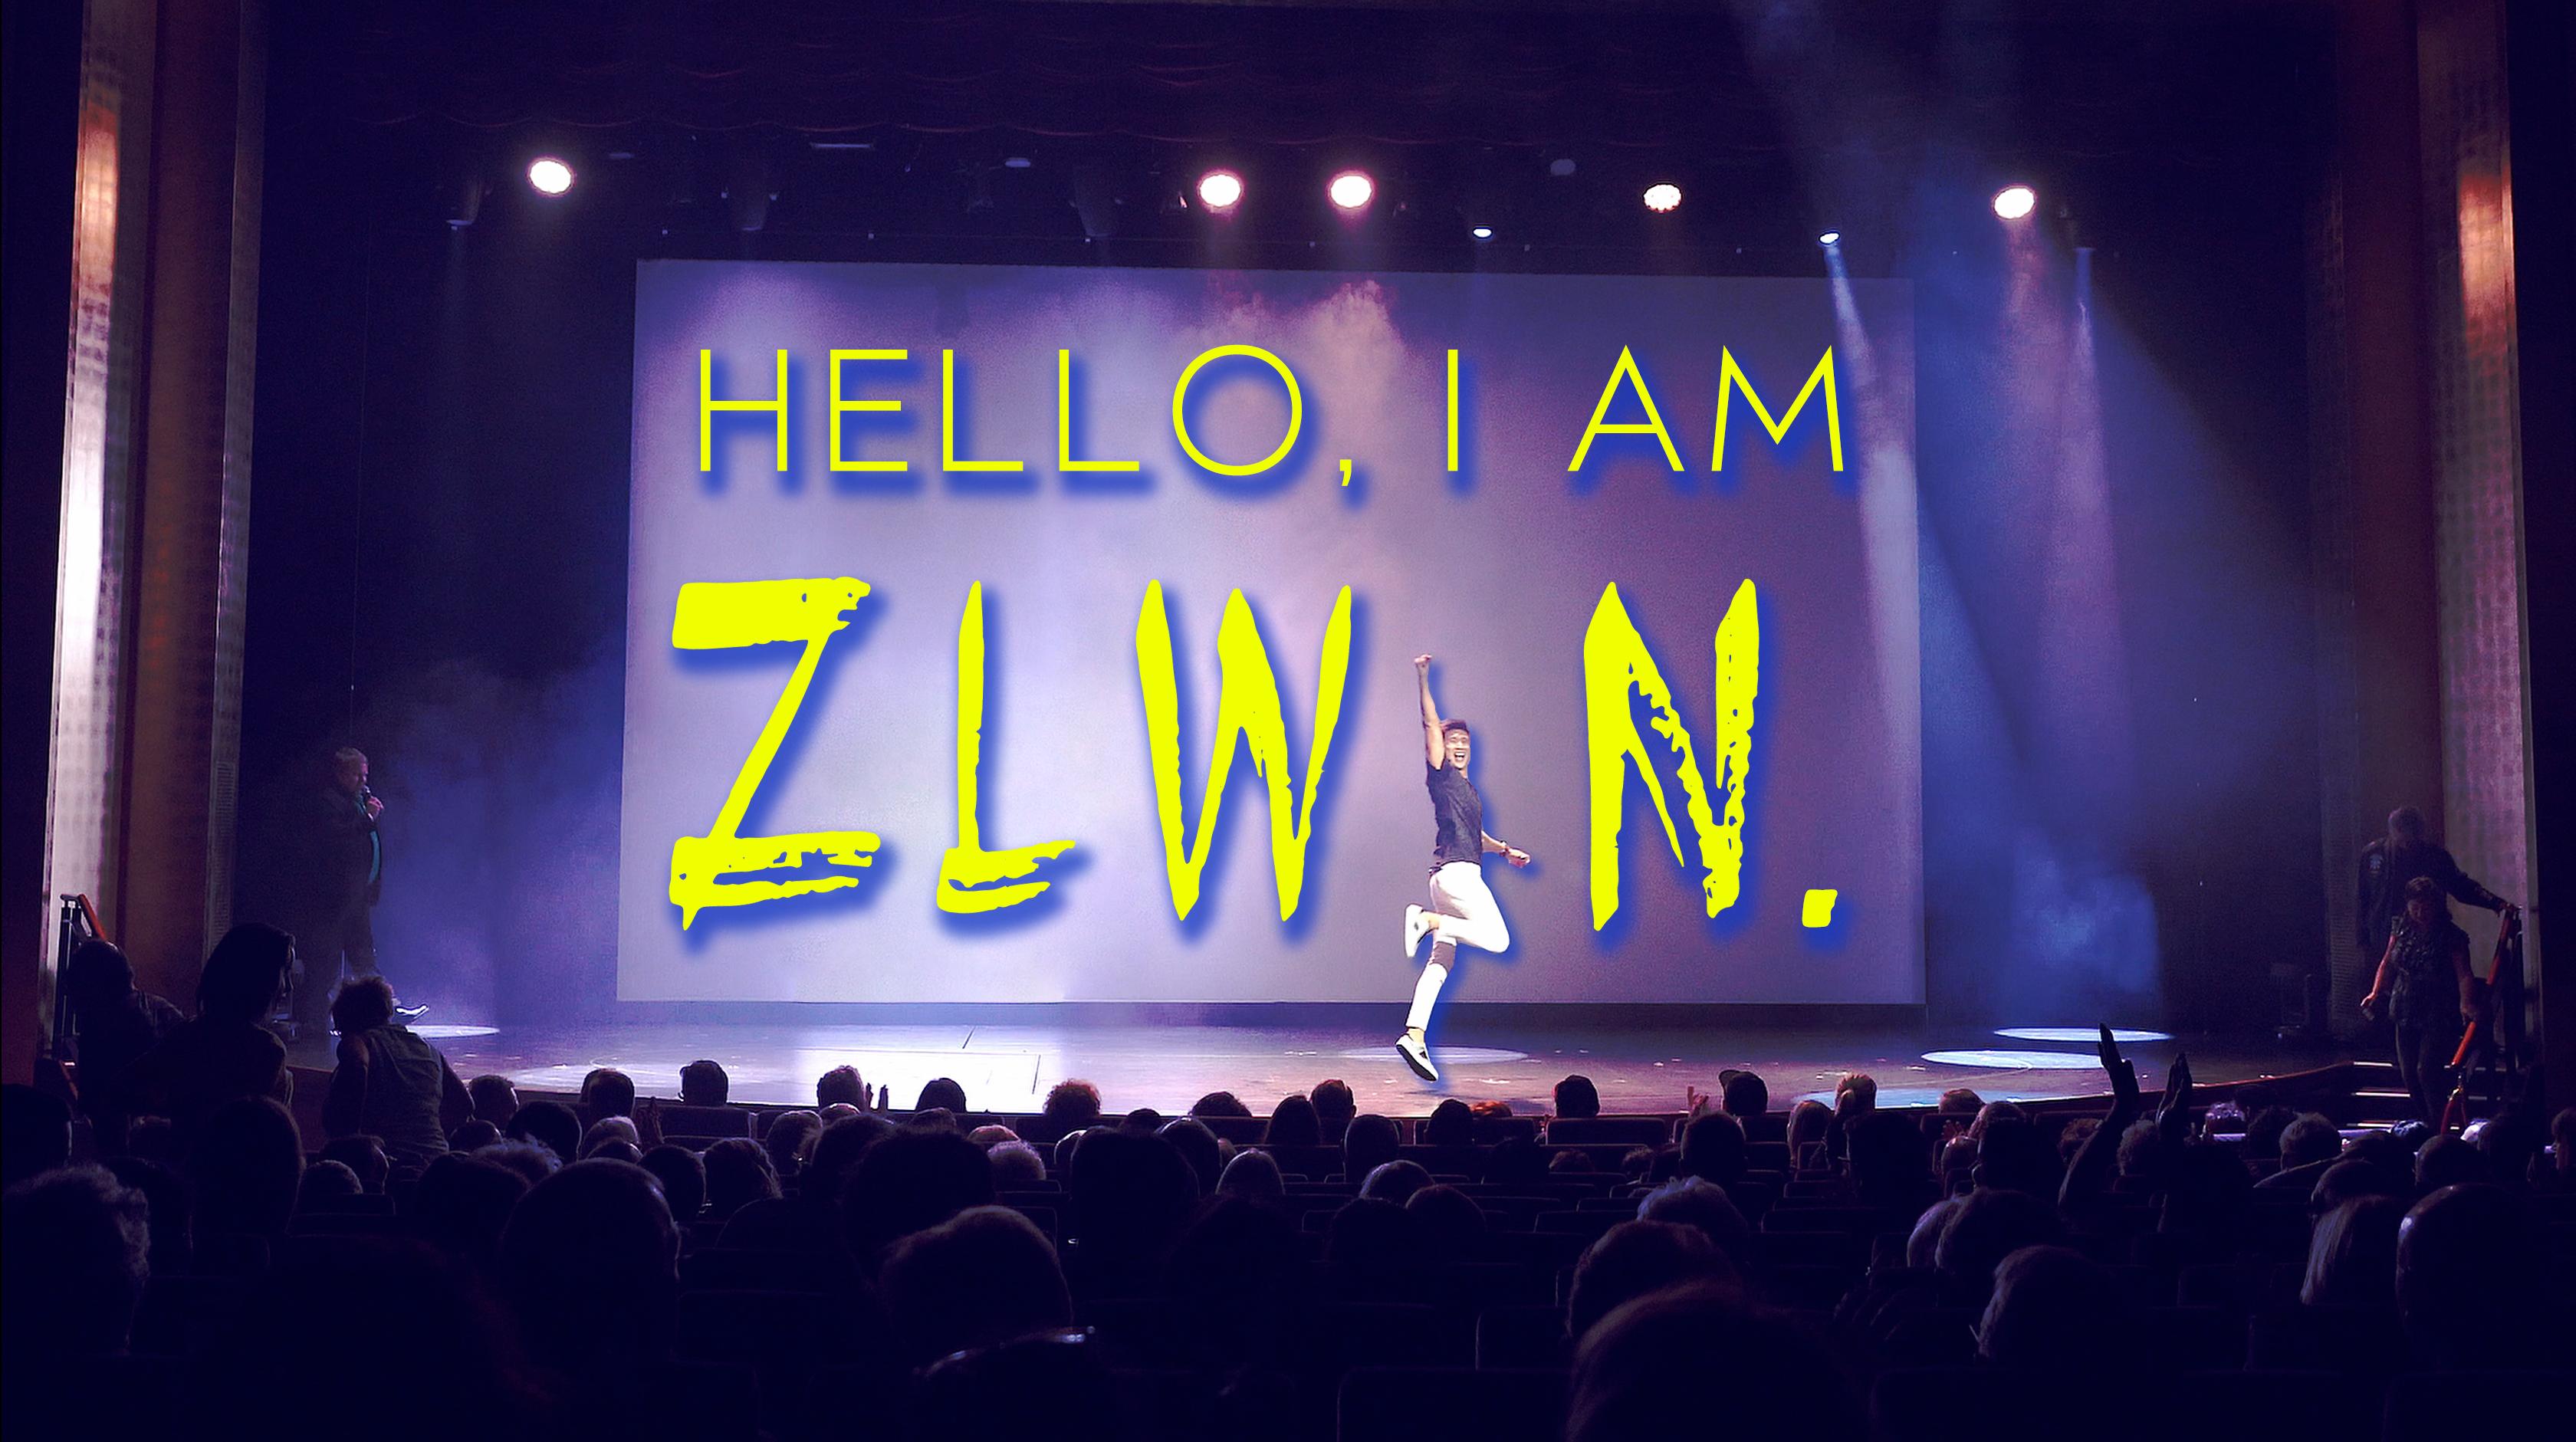 hello-i-am-zlwin